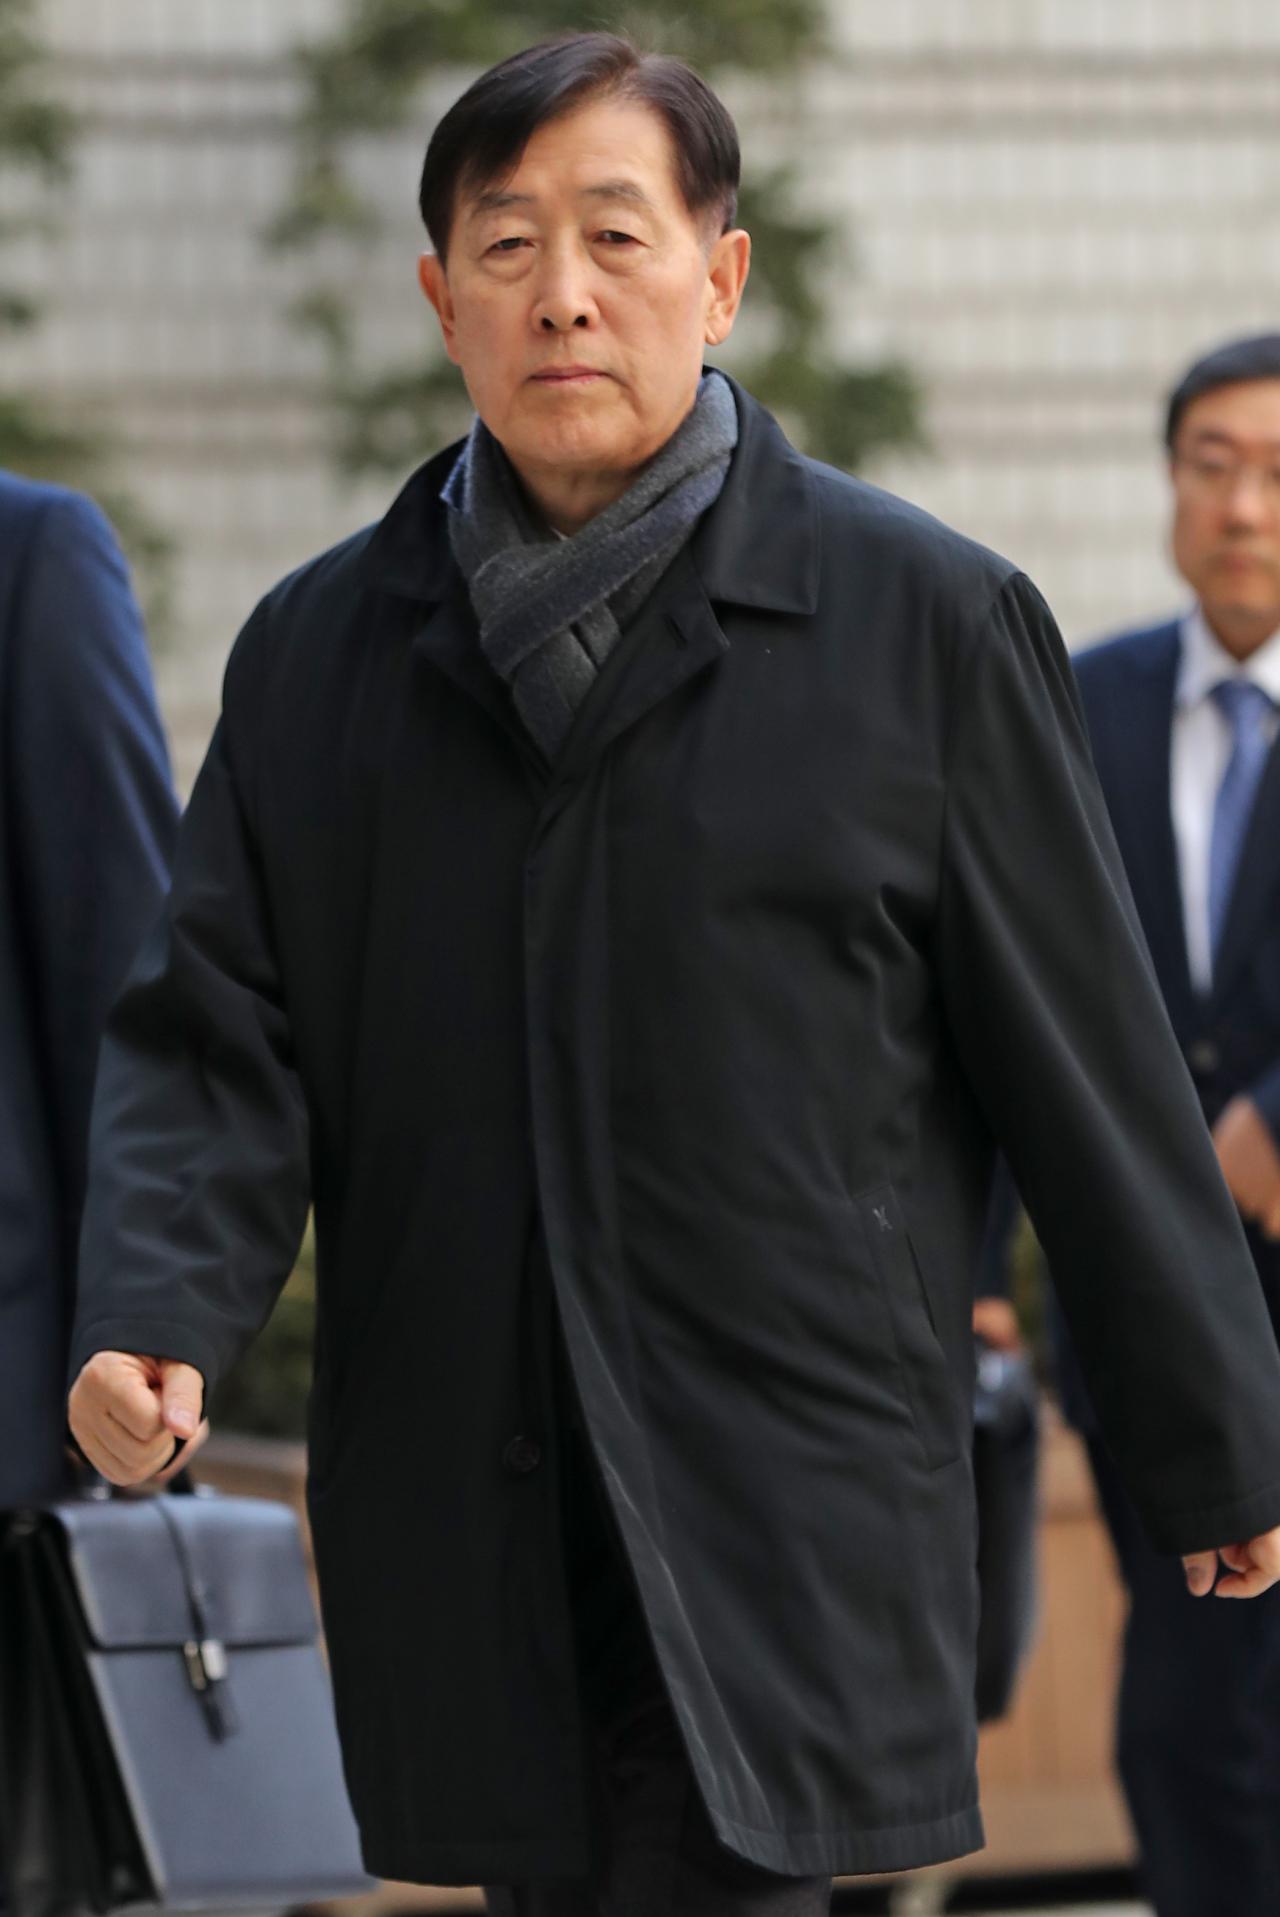 Choi Gee-sung (Yonhap)